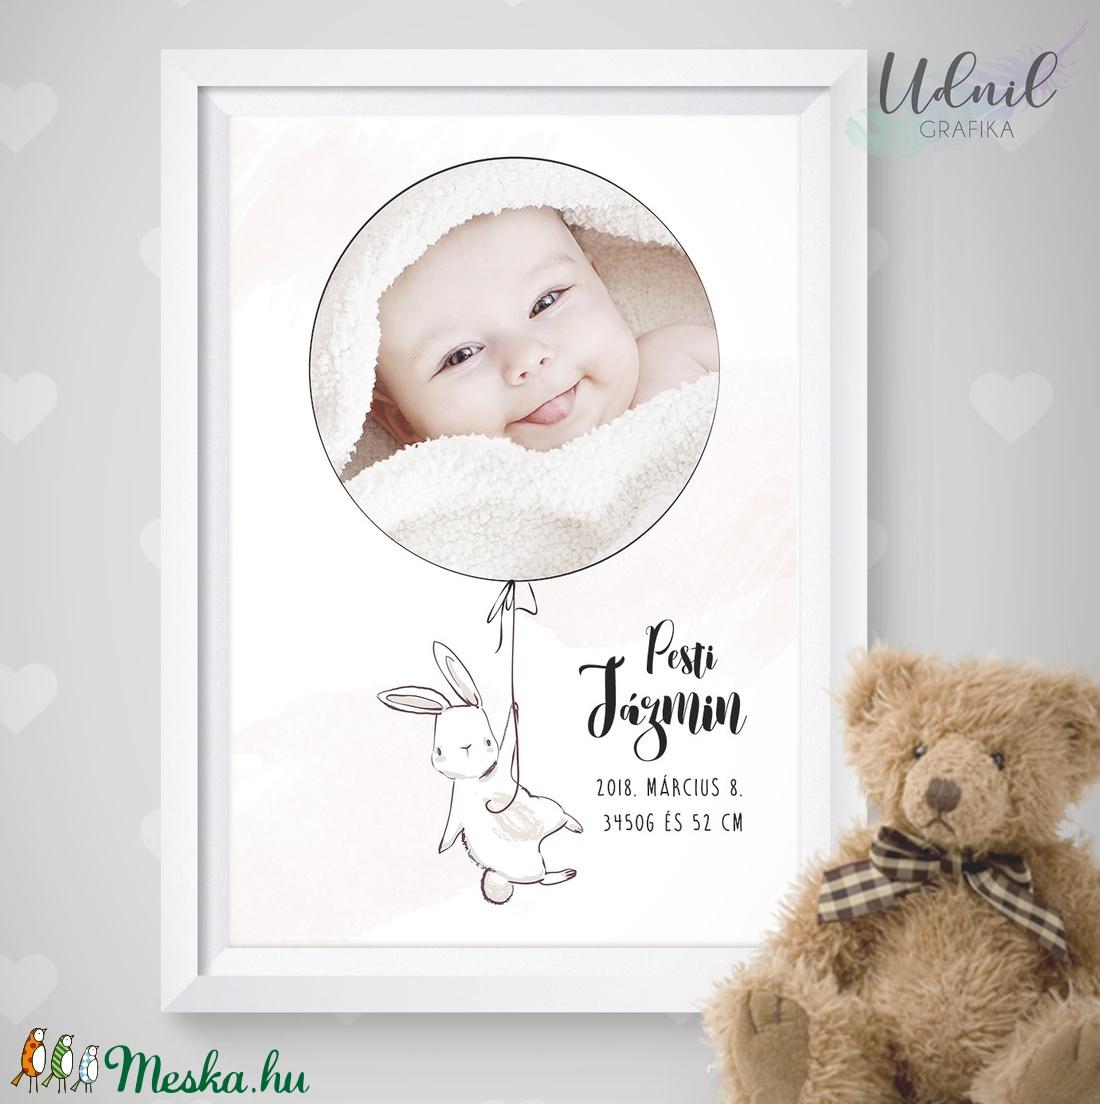 Nyuszis baba poszter saját fotóval és névvel - Neves ajándék - falikép 86744c80d9